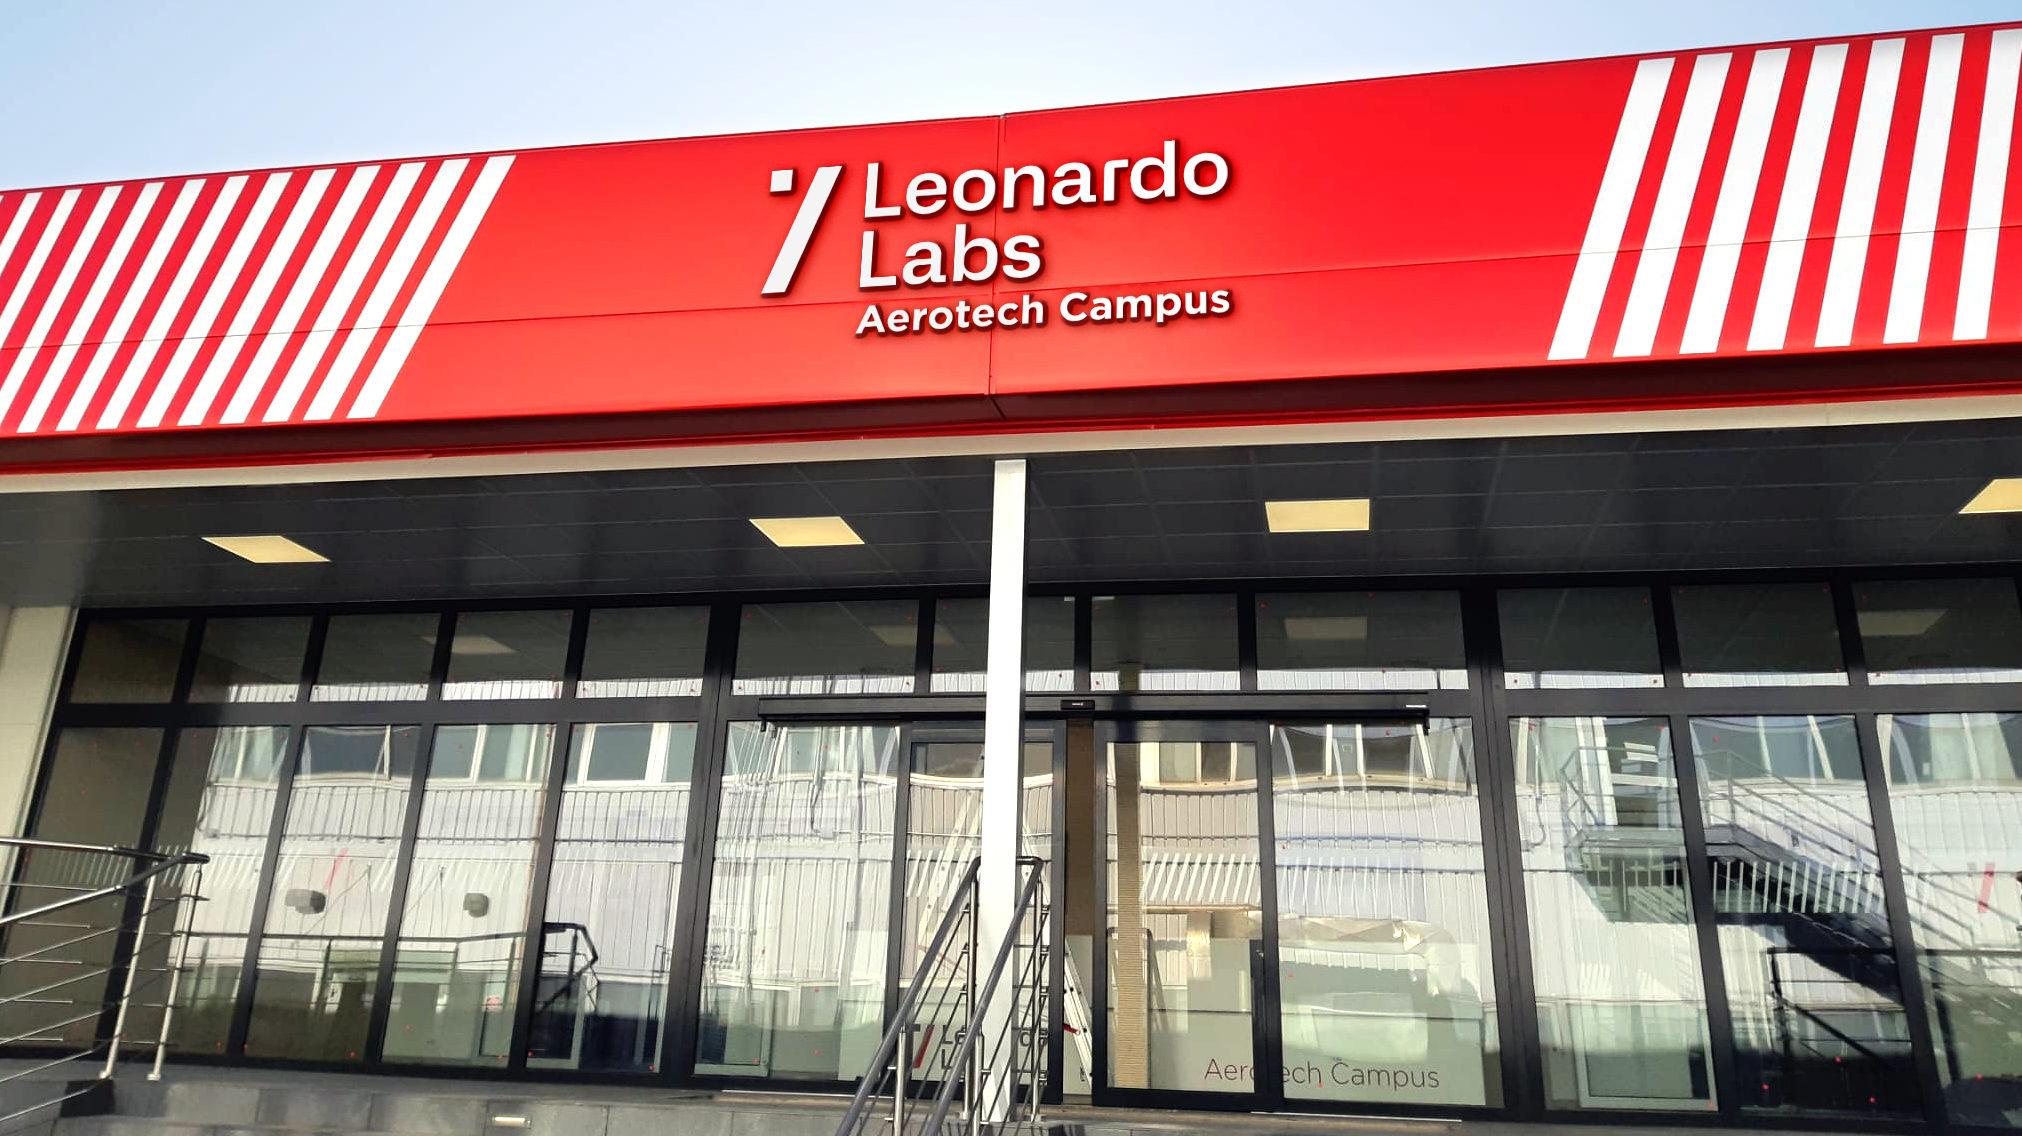 Leonardo - AeortechCampus